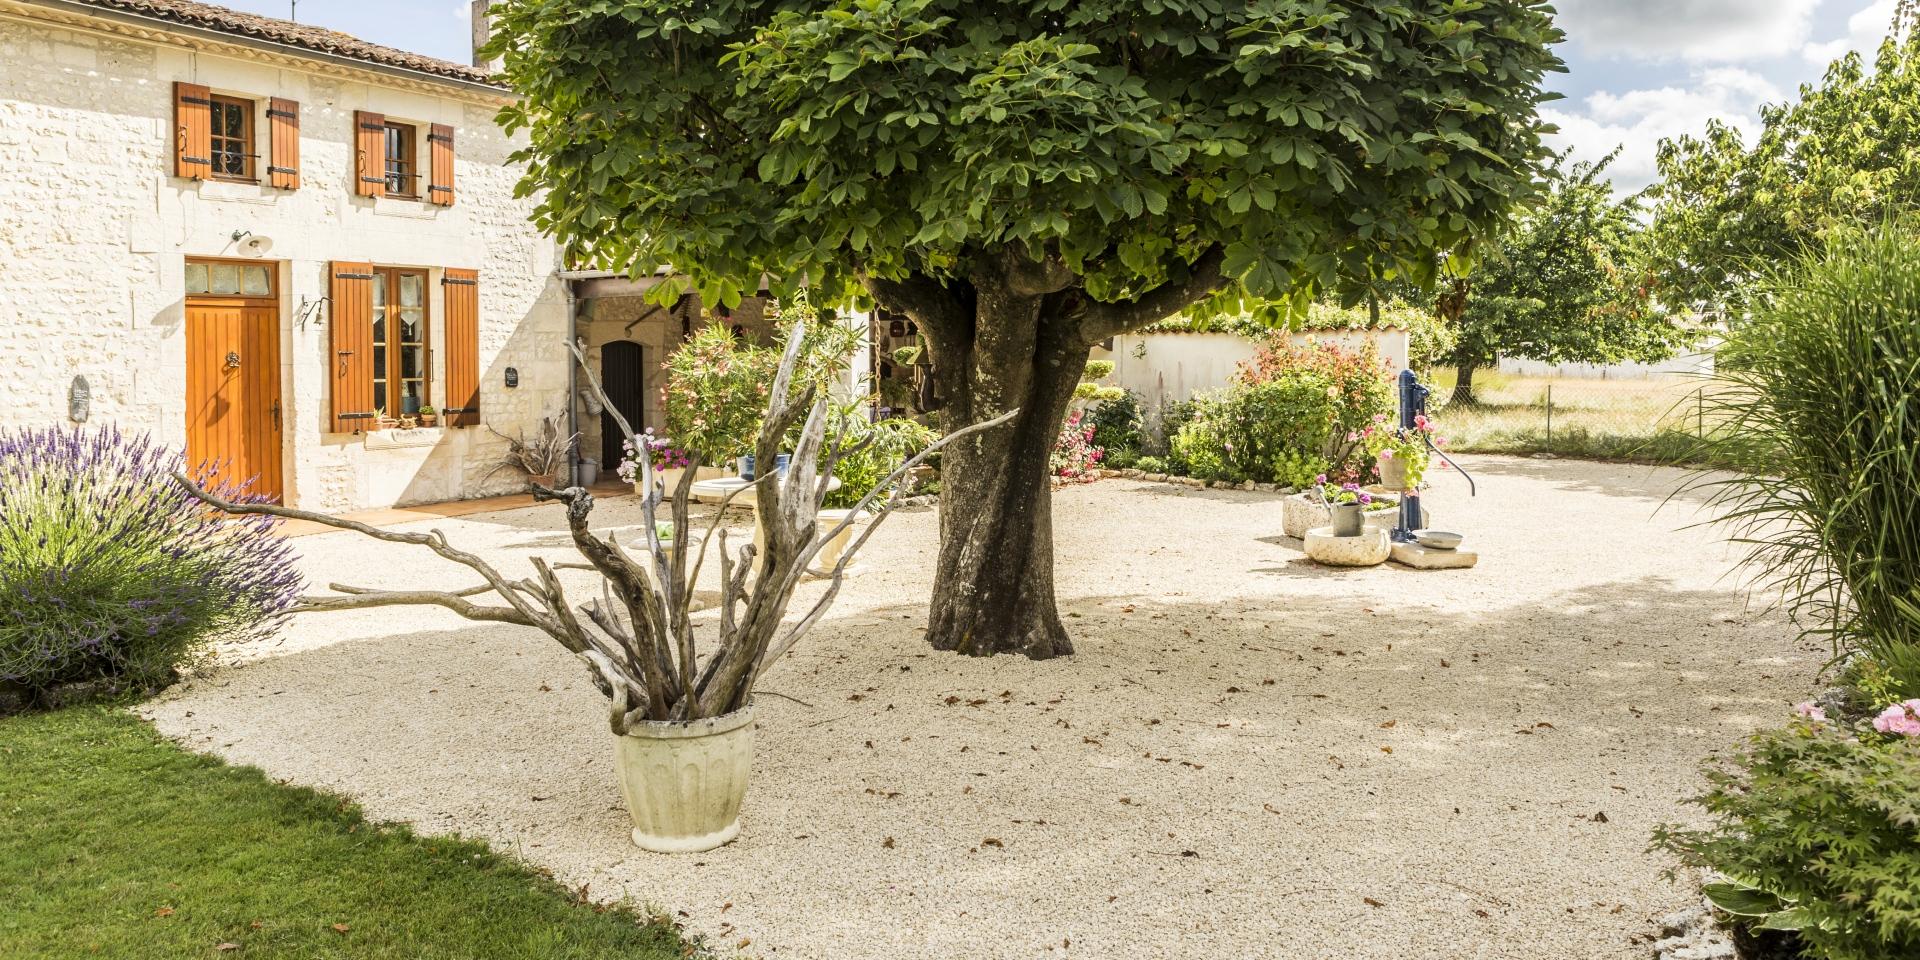 Daniel Moquet, Aménagement Cour, Allée De Jardin Et Terrasse ... destiné Amenagement Cour Devant Maison